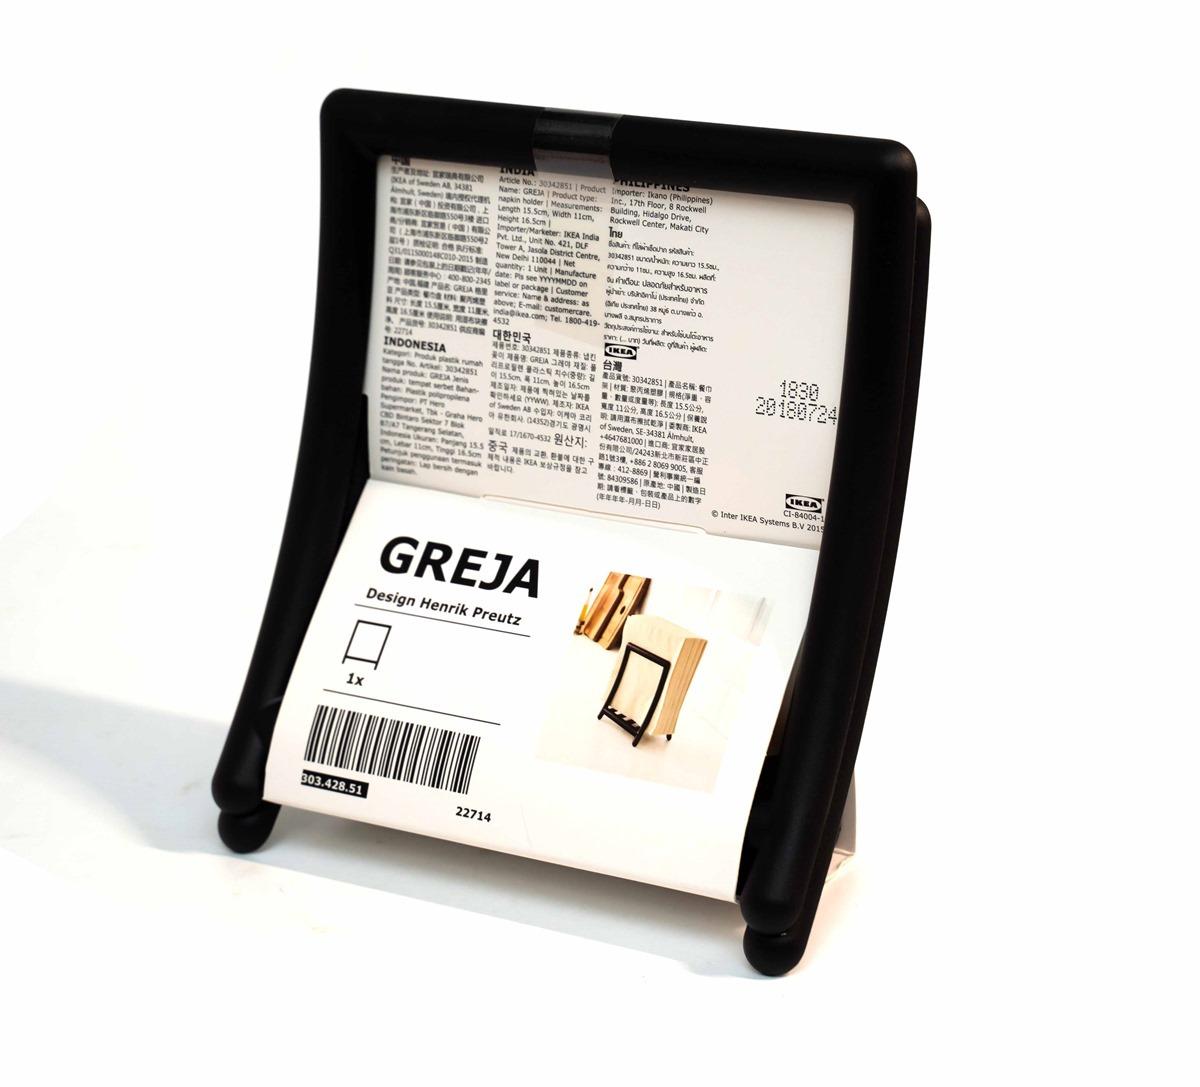 [不務正業的 ikea 系列] 便宜百元有找筆電平板立架 (GREJA 餐巾架) @3C 達人廖阿輝